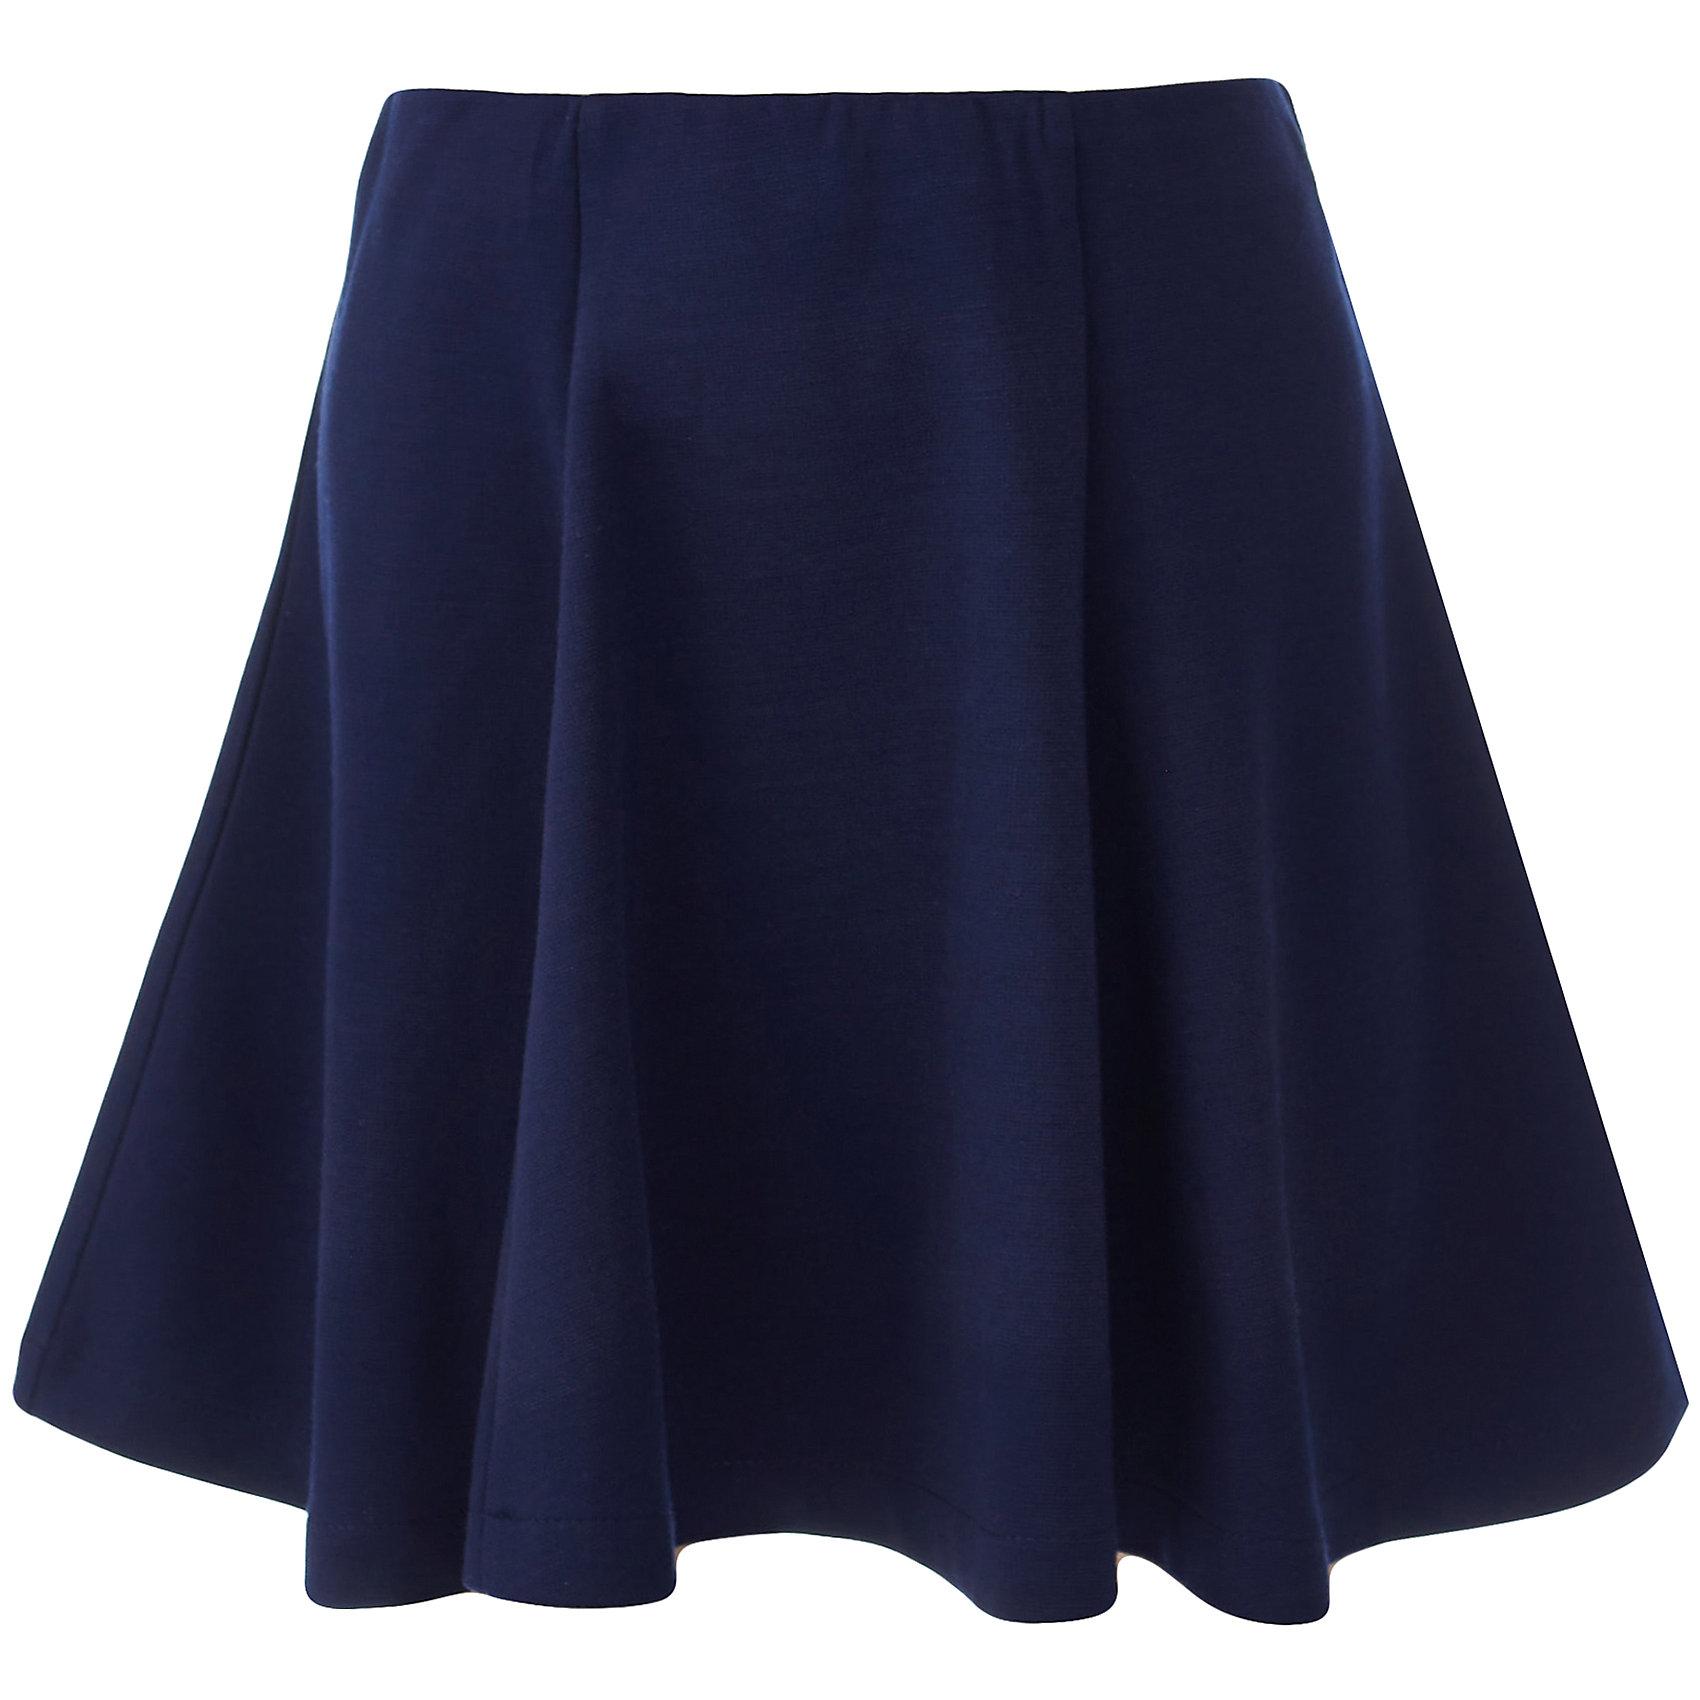 Юбка для девочки BUTTON BLUEЮбки<br>Юбка для девочки BUTTON BLUE<br>Какие юбки для девочек станут основой школьного гардероба? Те, кто уже носил юбку из плотного трикотажа знают: трикотажные школьные юбки - это удобство и свобода движений. Купить школьную юбку от Button Blue, значит, обеспечить ребенку повседневный комфорт.<br>Состав:<br>75% полиэстер, 21% вискоза,             4% эластан<br><br>Ширина мм: 207<br>Глубина мм: 10<br>Высота мм: 189<br>Вес г: 183<br>Цвет: синий<br>Возраст от месяцев: 156<br>Возраст до месяцев: 168<br>Пол: Женский<br>Возраст: Детский<br>Размер: 164,134,140,146,152,158,122,128<br>SKU: 6739438